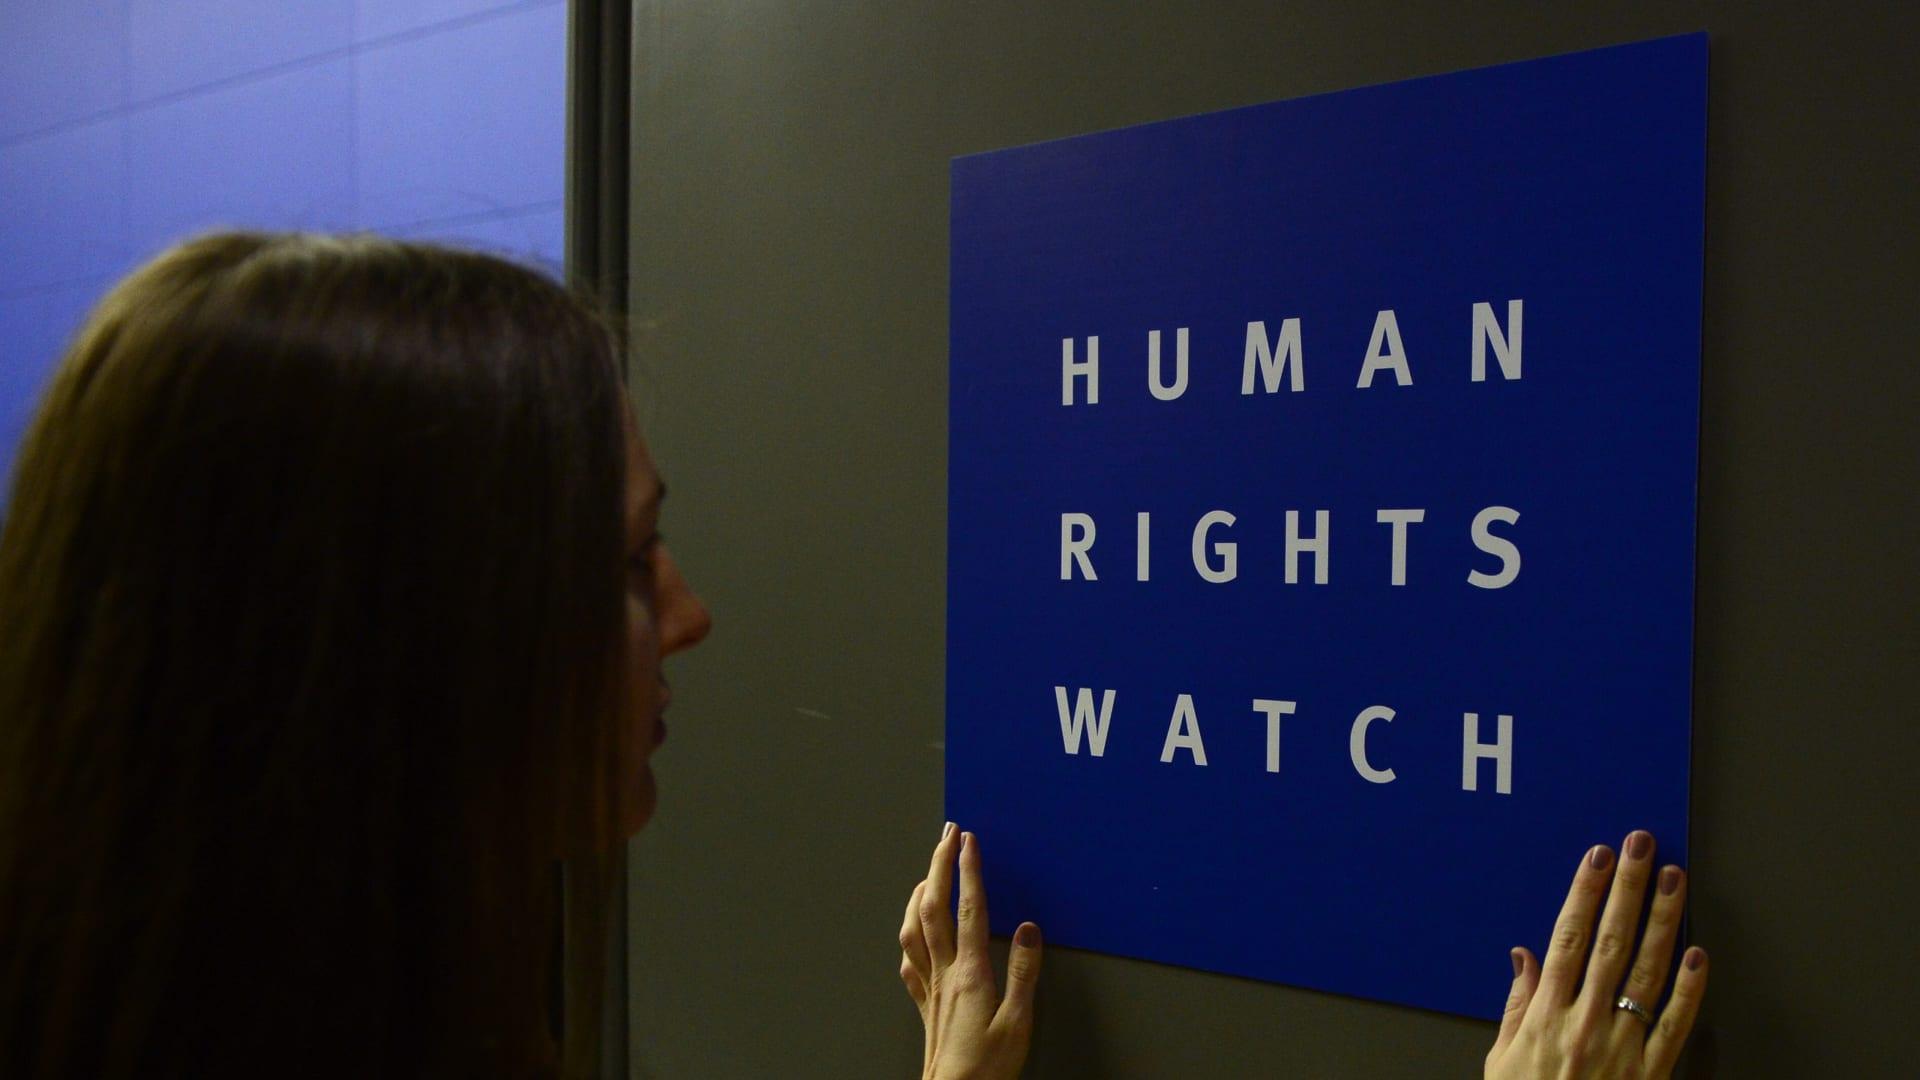 صورة ارشيفية لتعليم شعار هيومن رايتس ووتش قبل اجتماع سابق للمنظمة العام 2014